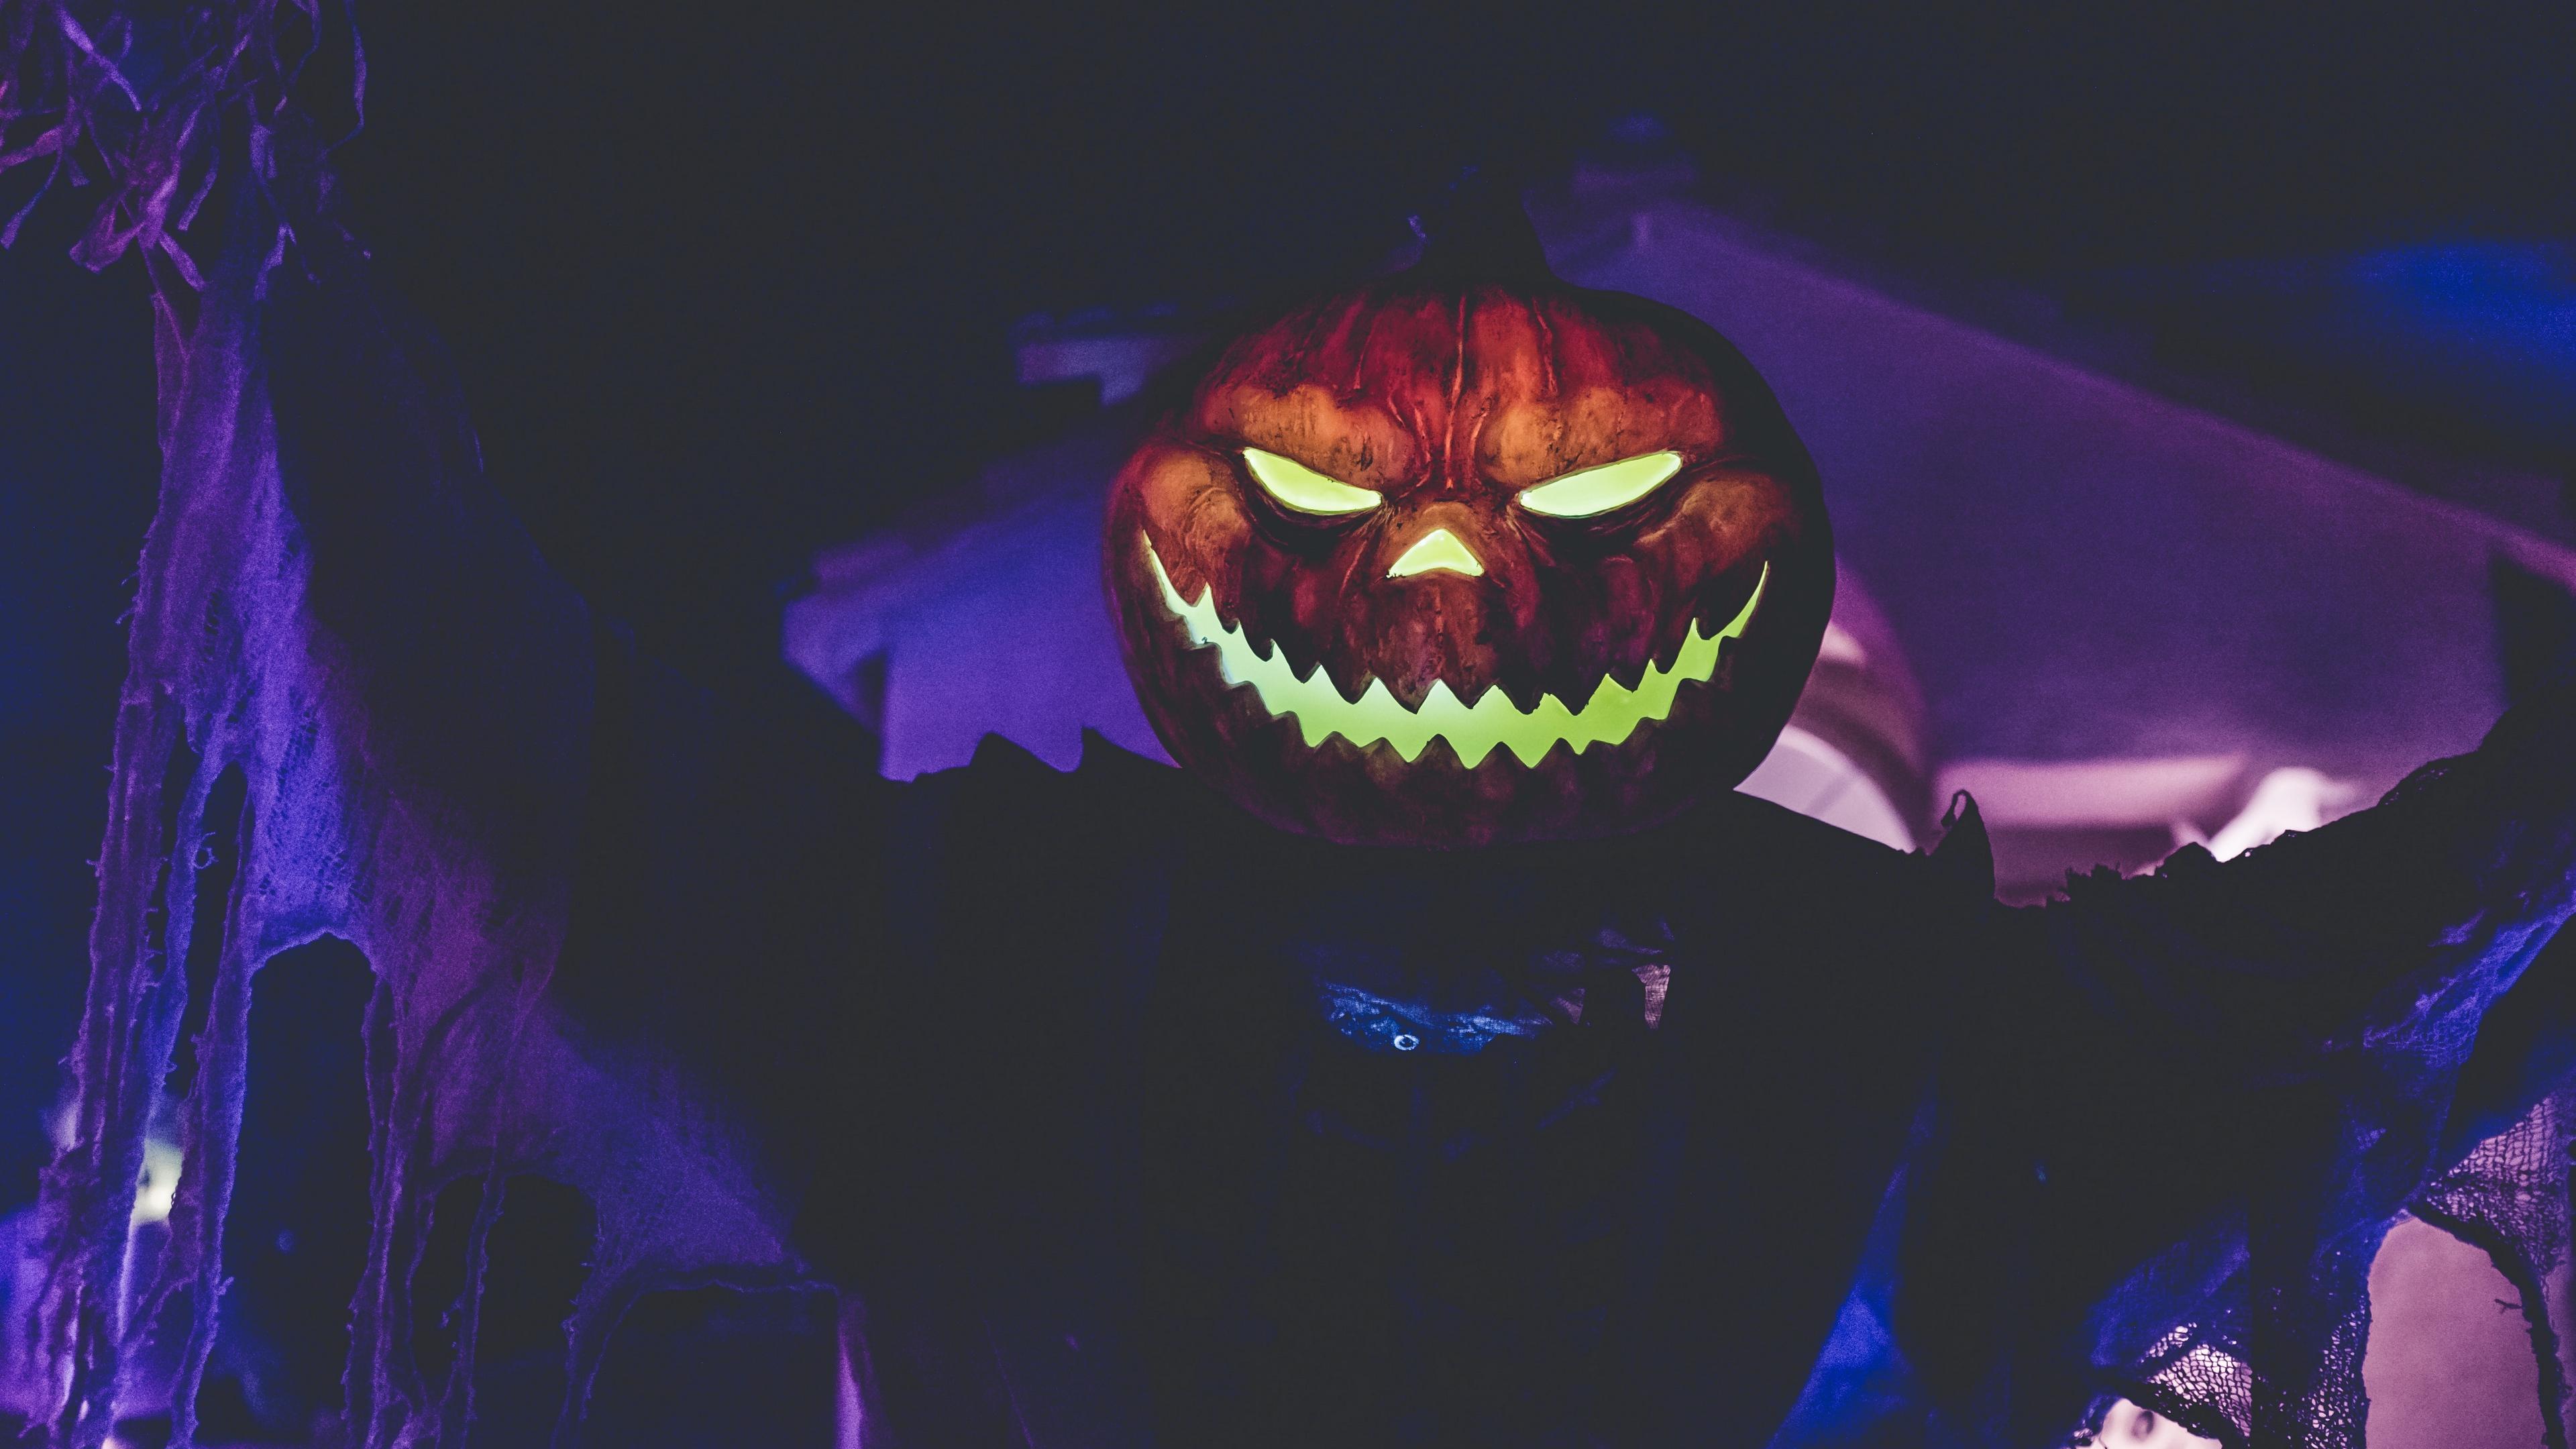 halloween pumpkin mask holiday 4k 1538344608 - halloween, pumpkin, mask, holiday 4k - pumpkin, Mask, halloween